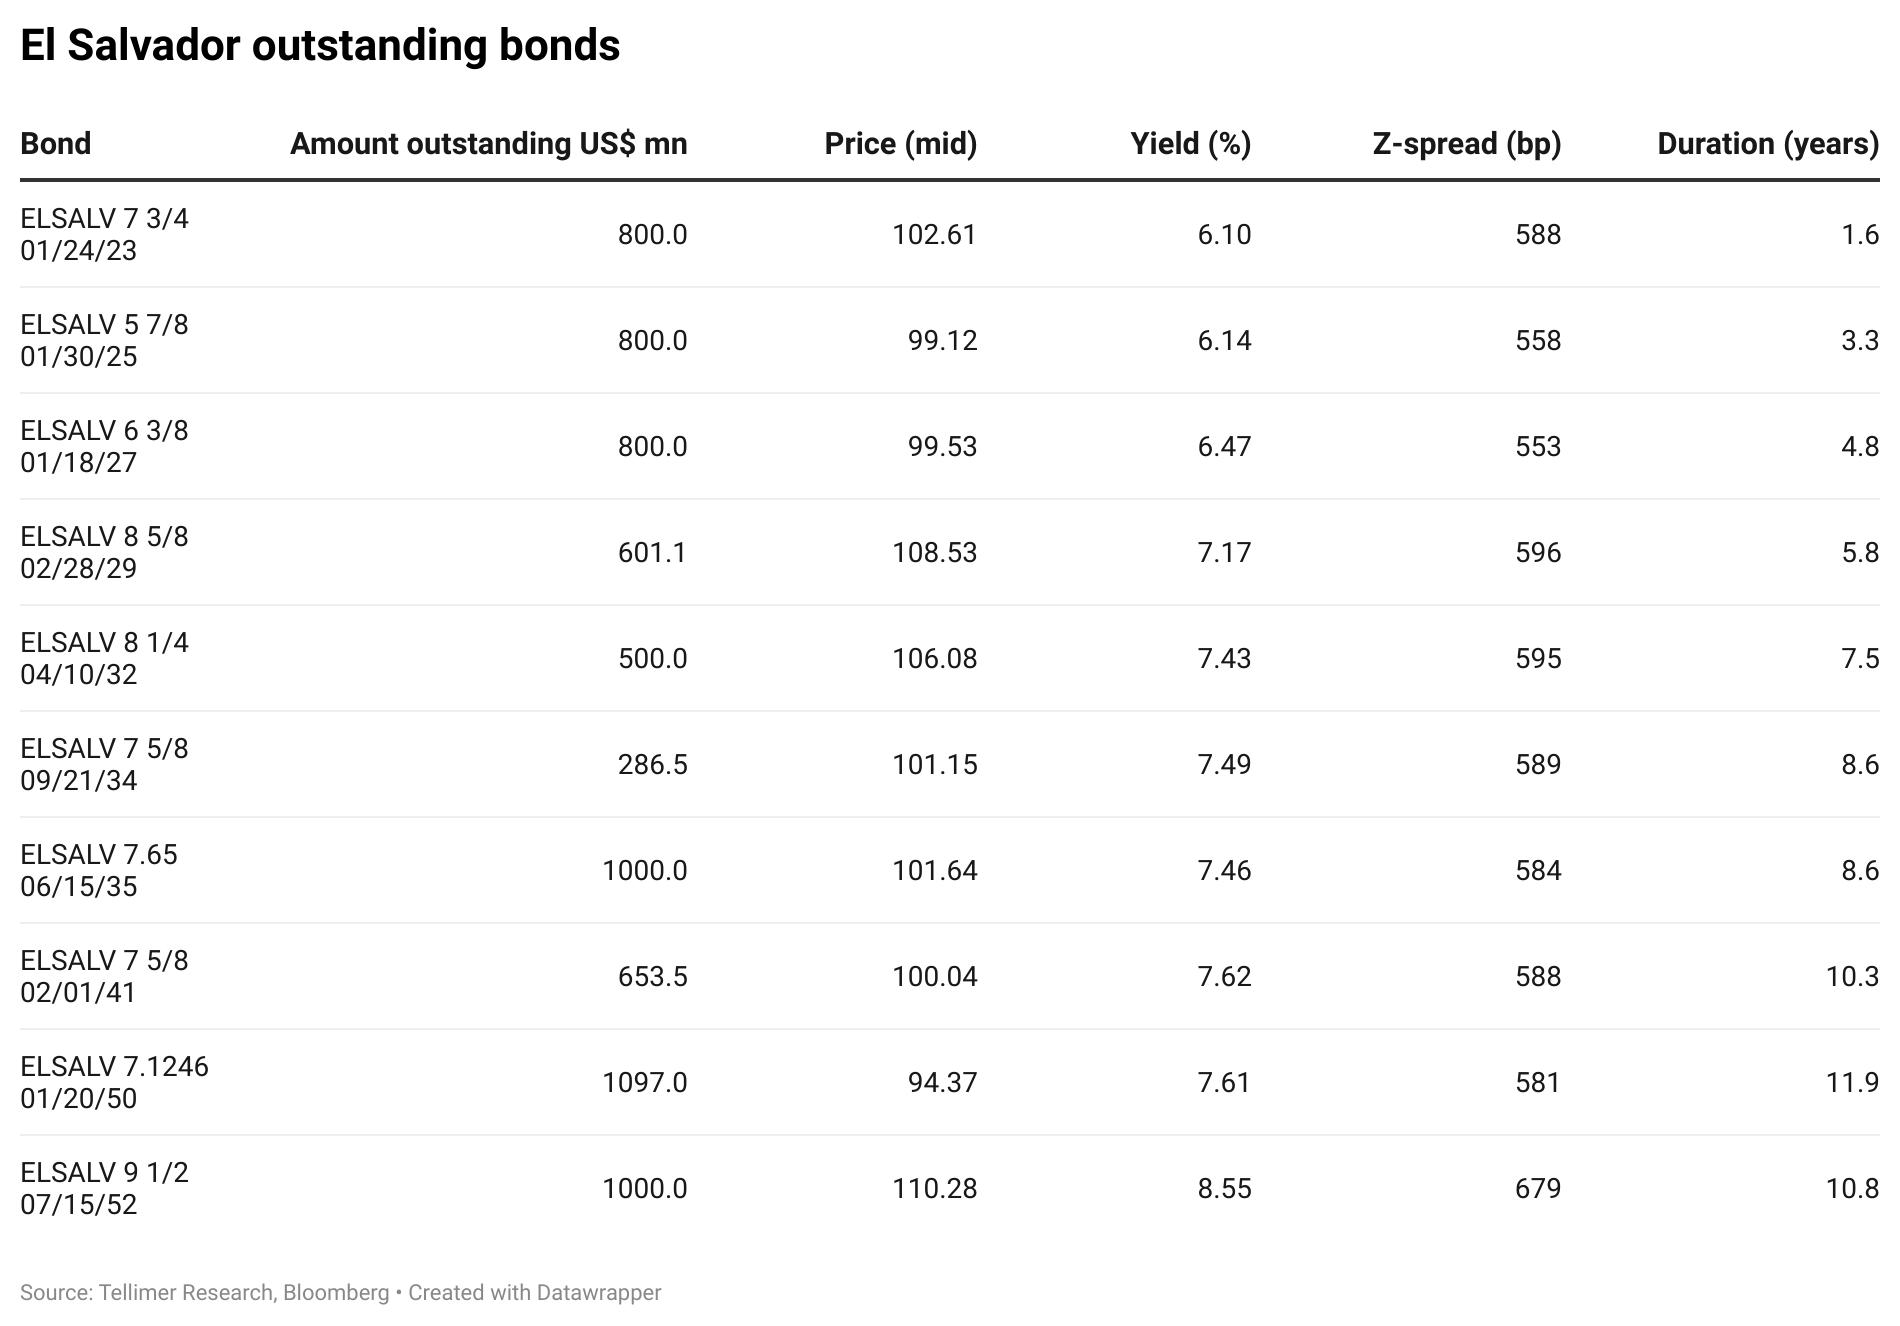 El Salvador outstanding bonds